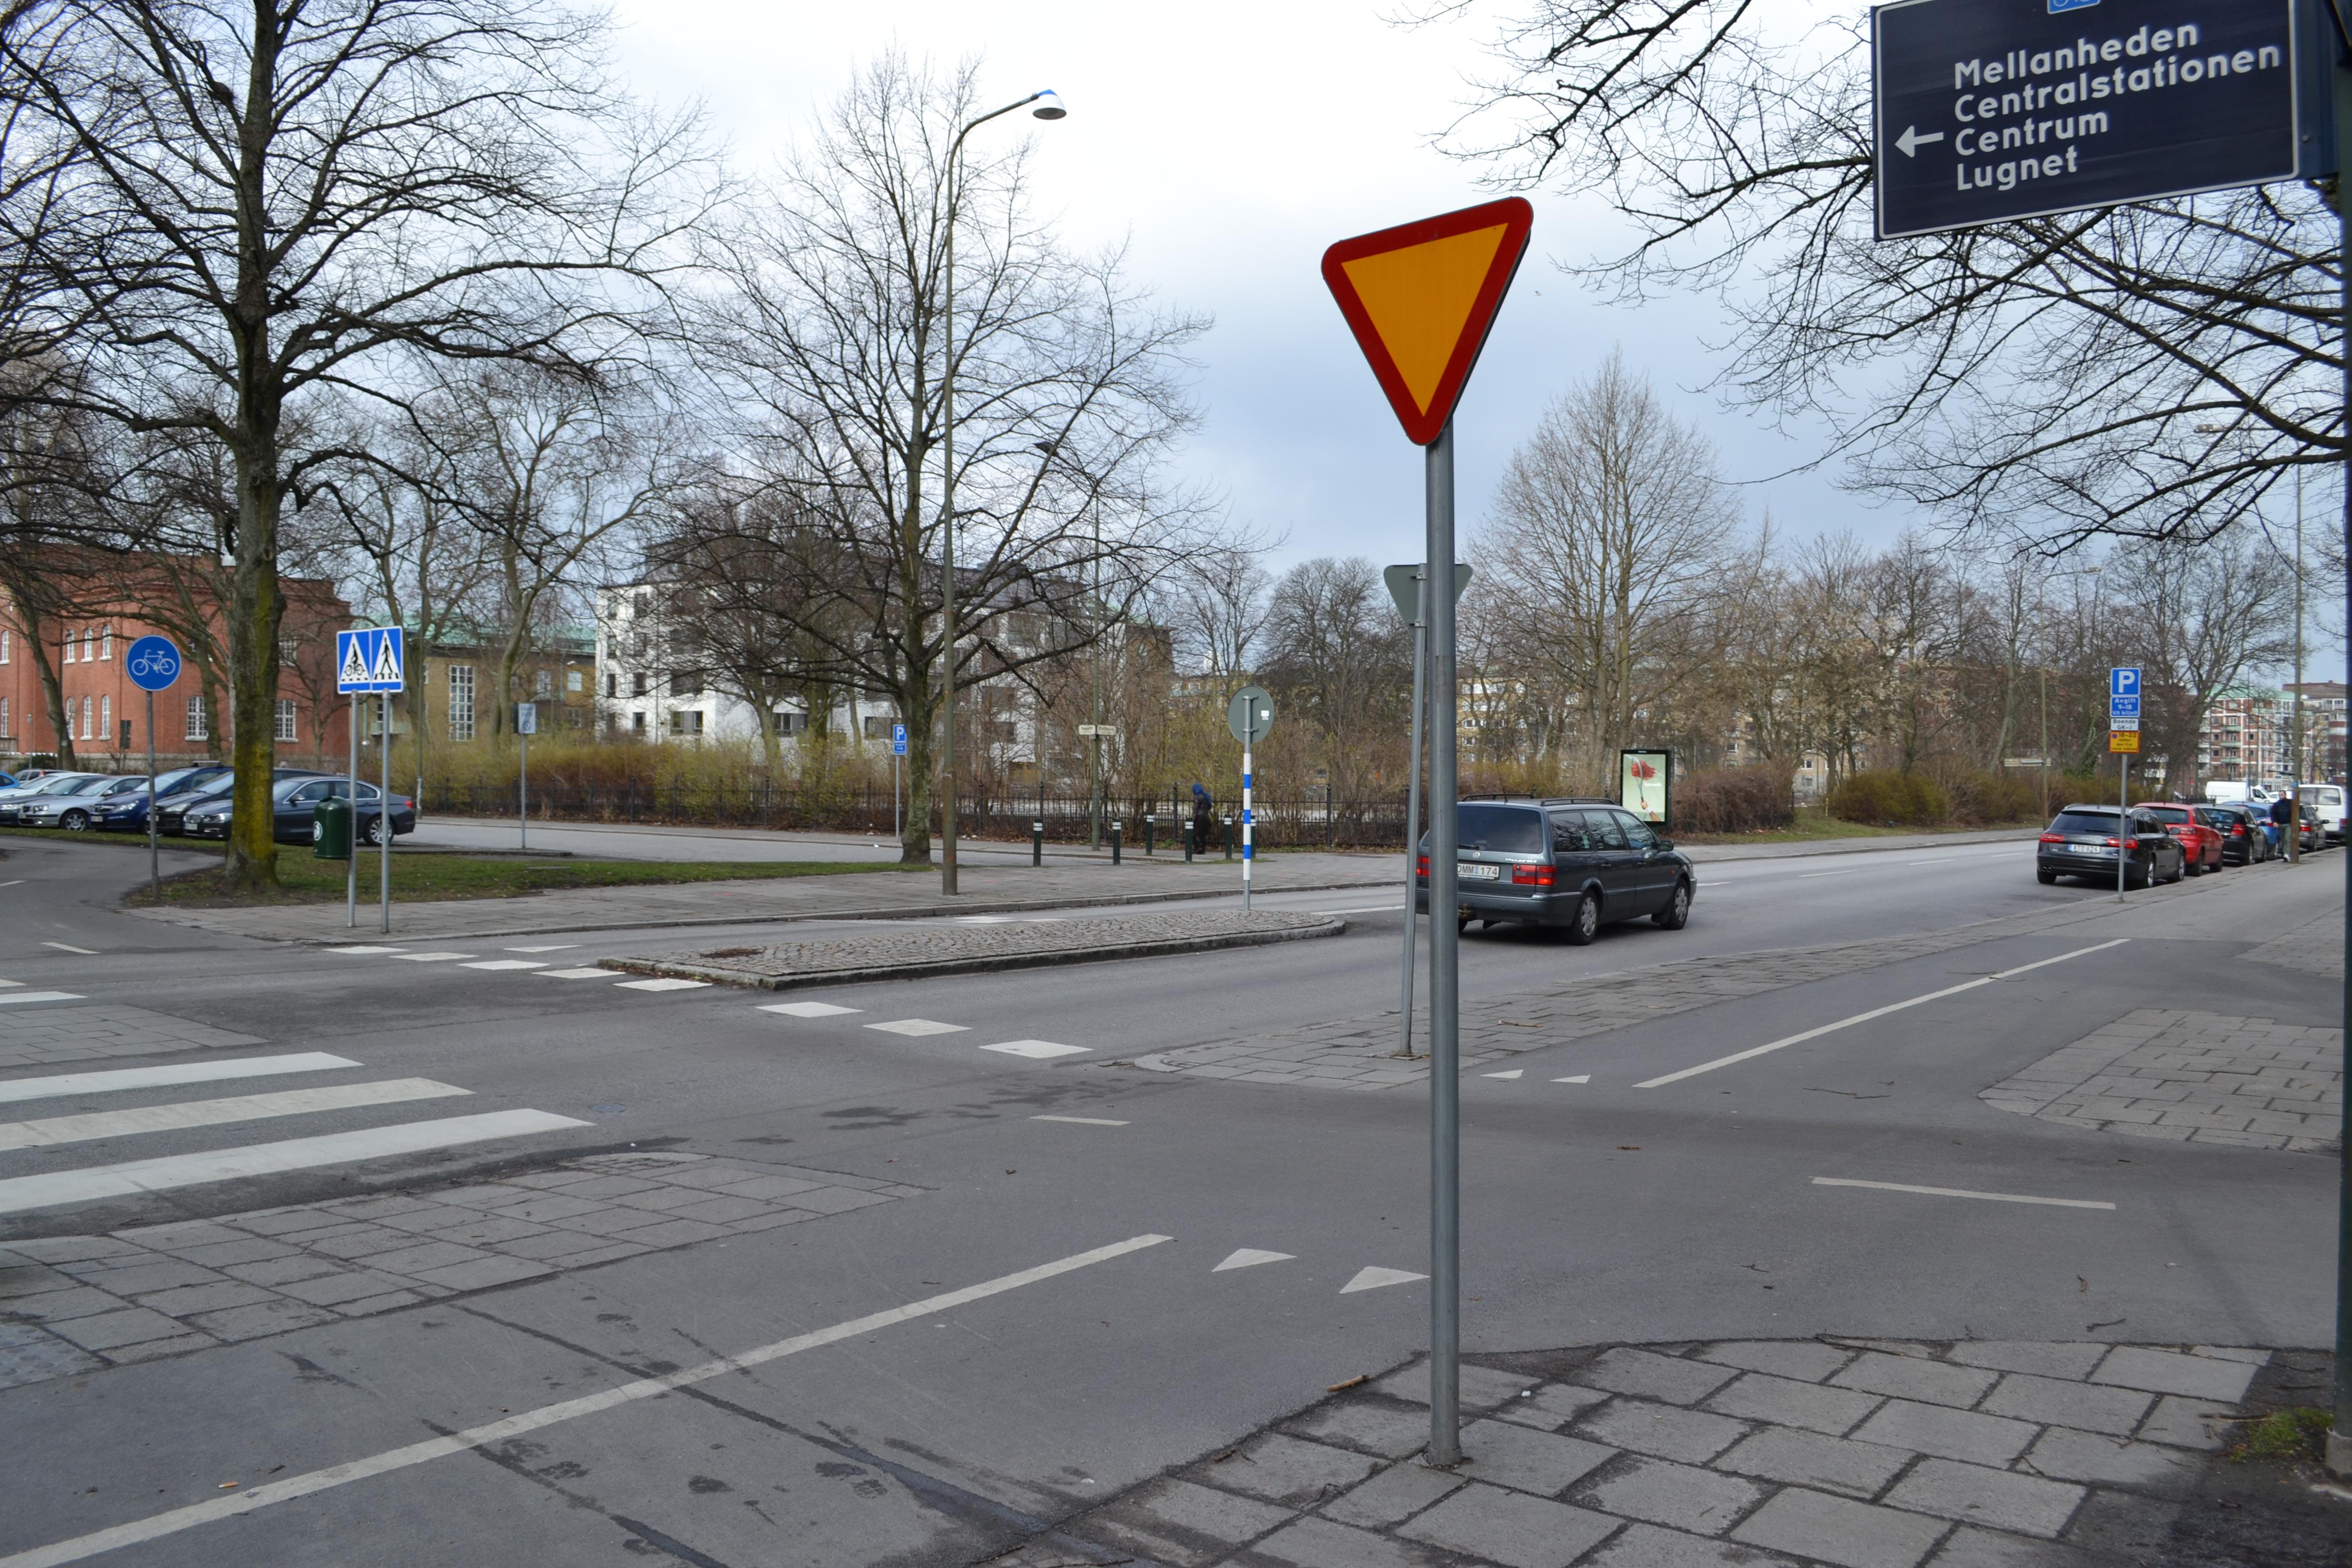 Väjningsplikt på cykelbanan i anknytning till cykelöverfart